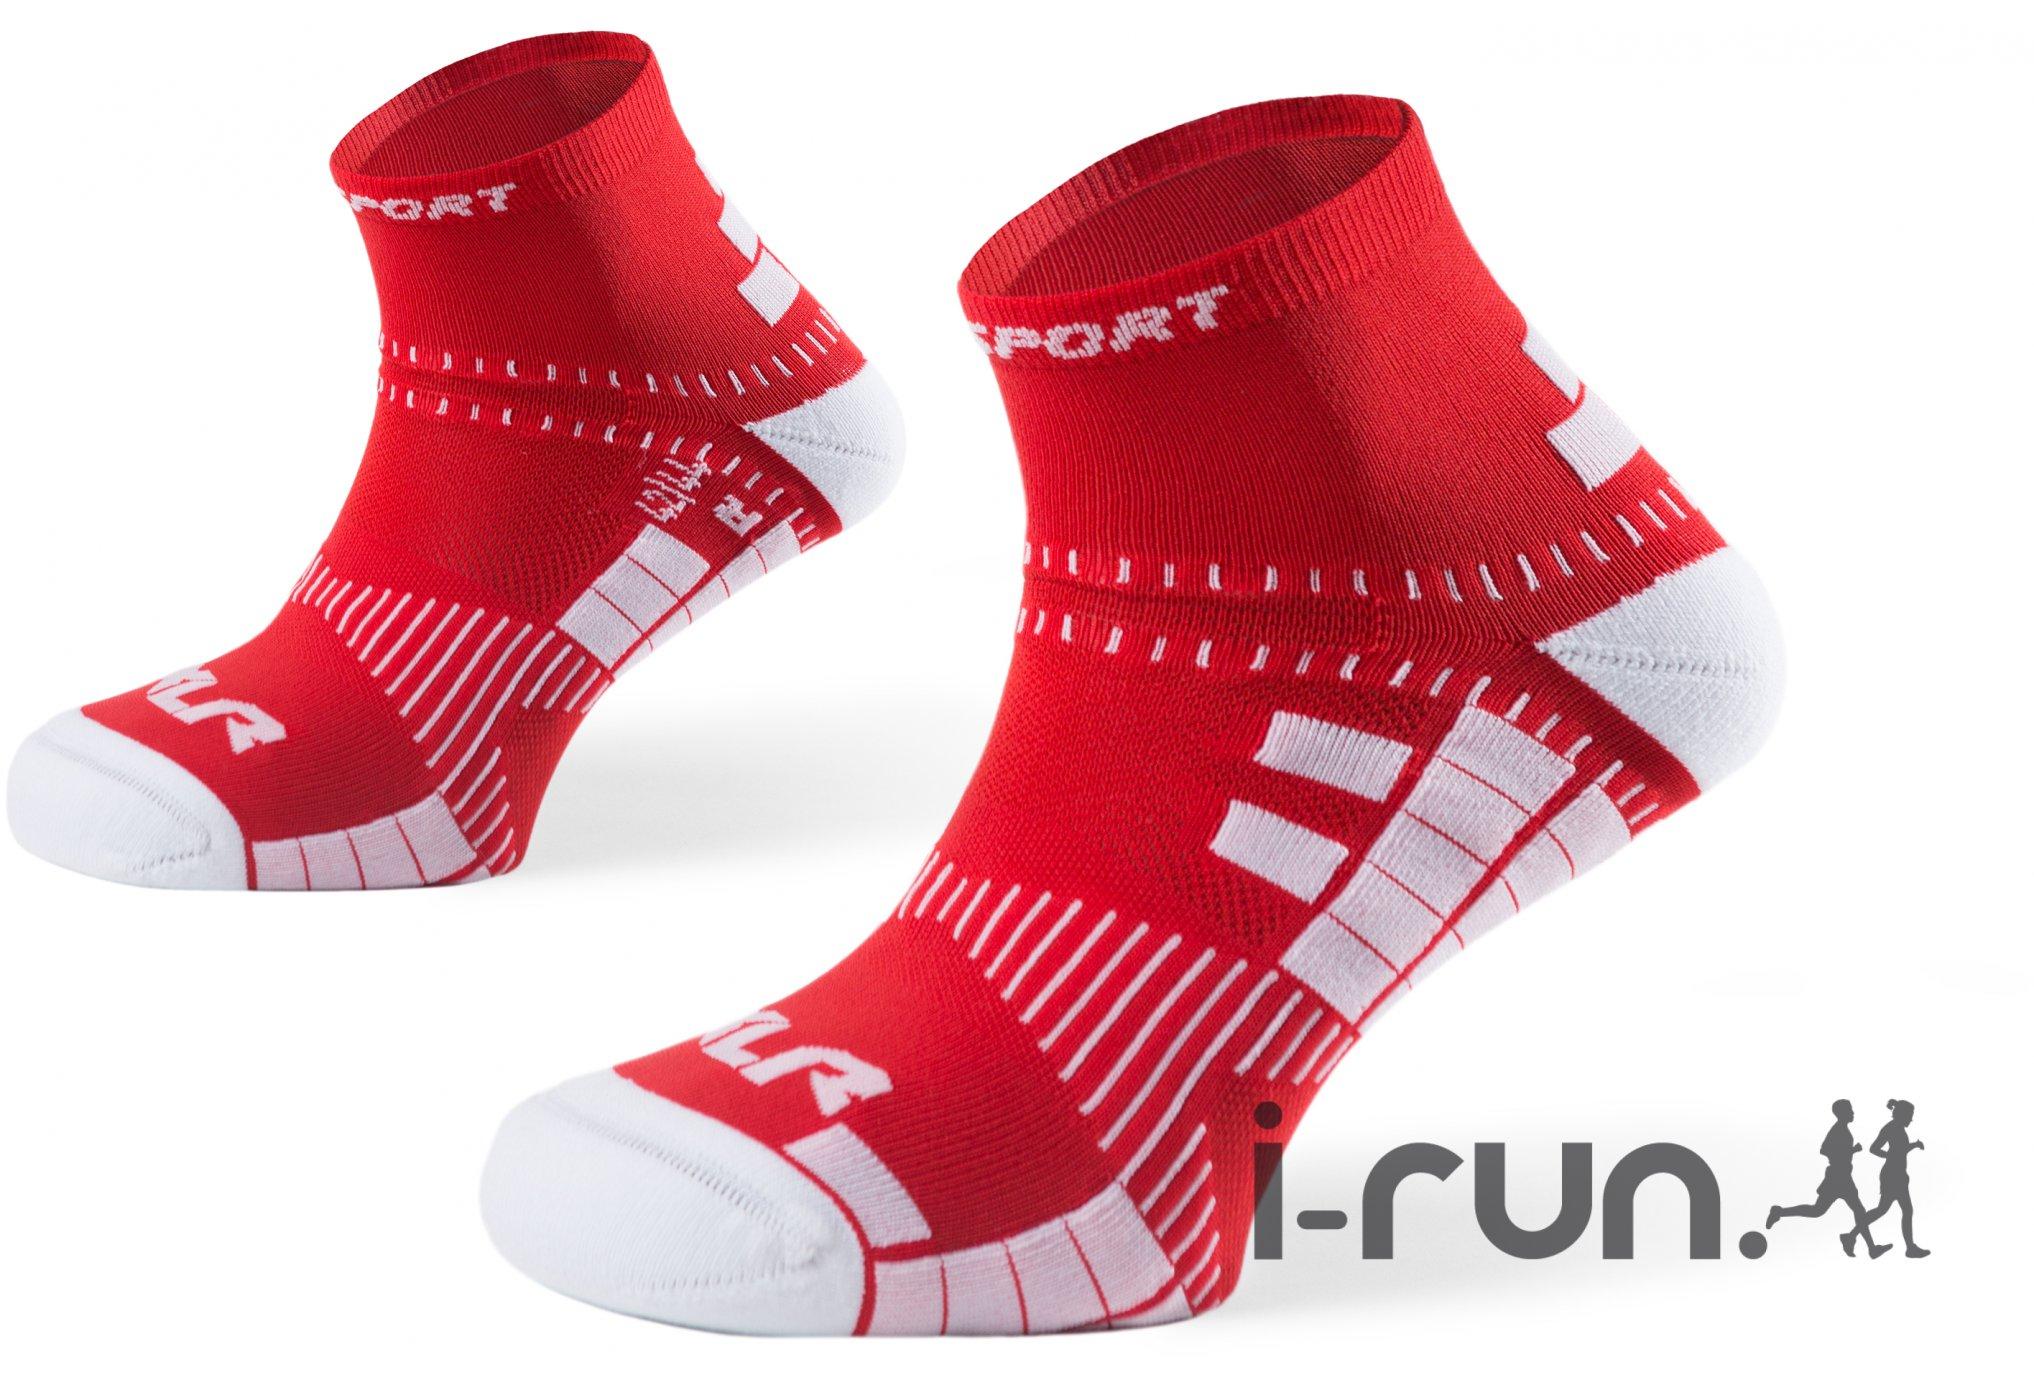 BV Sport Socquettes XLR Chaussettes